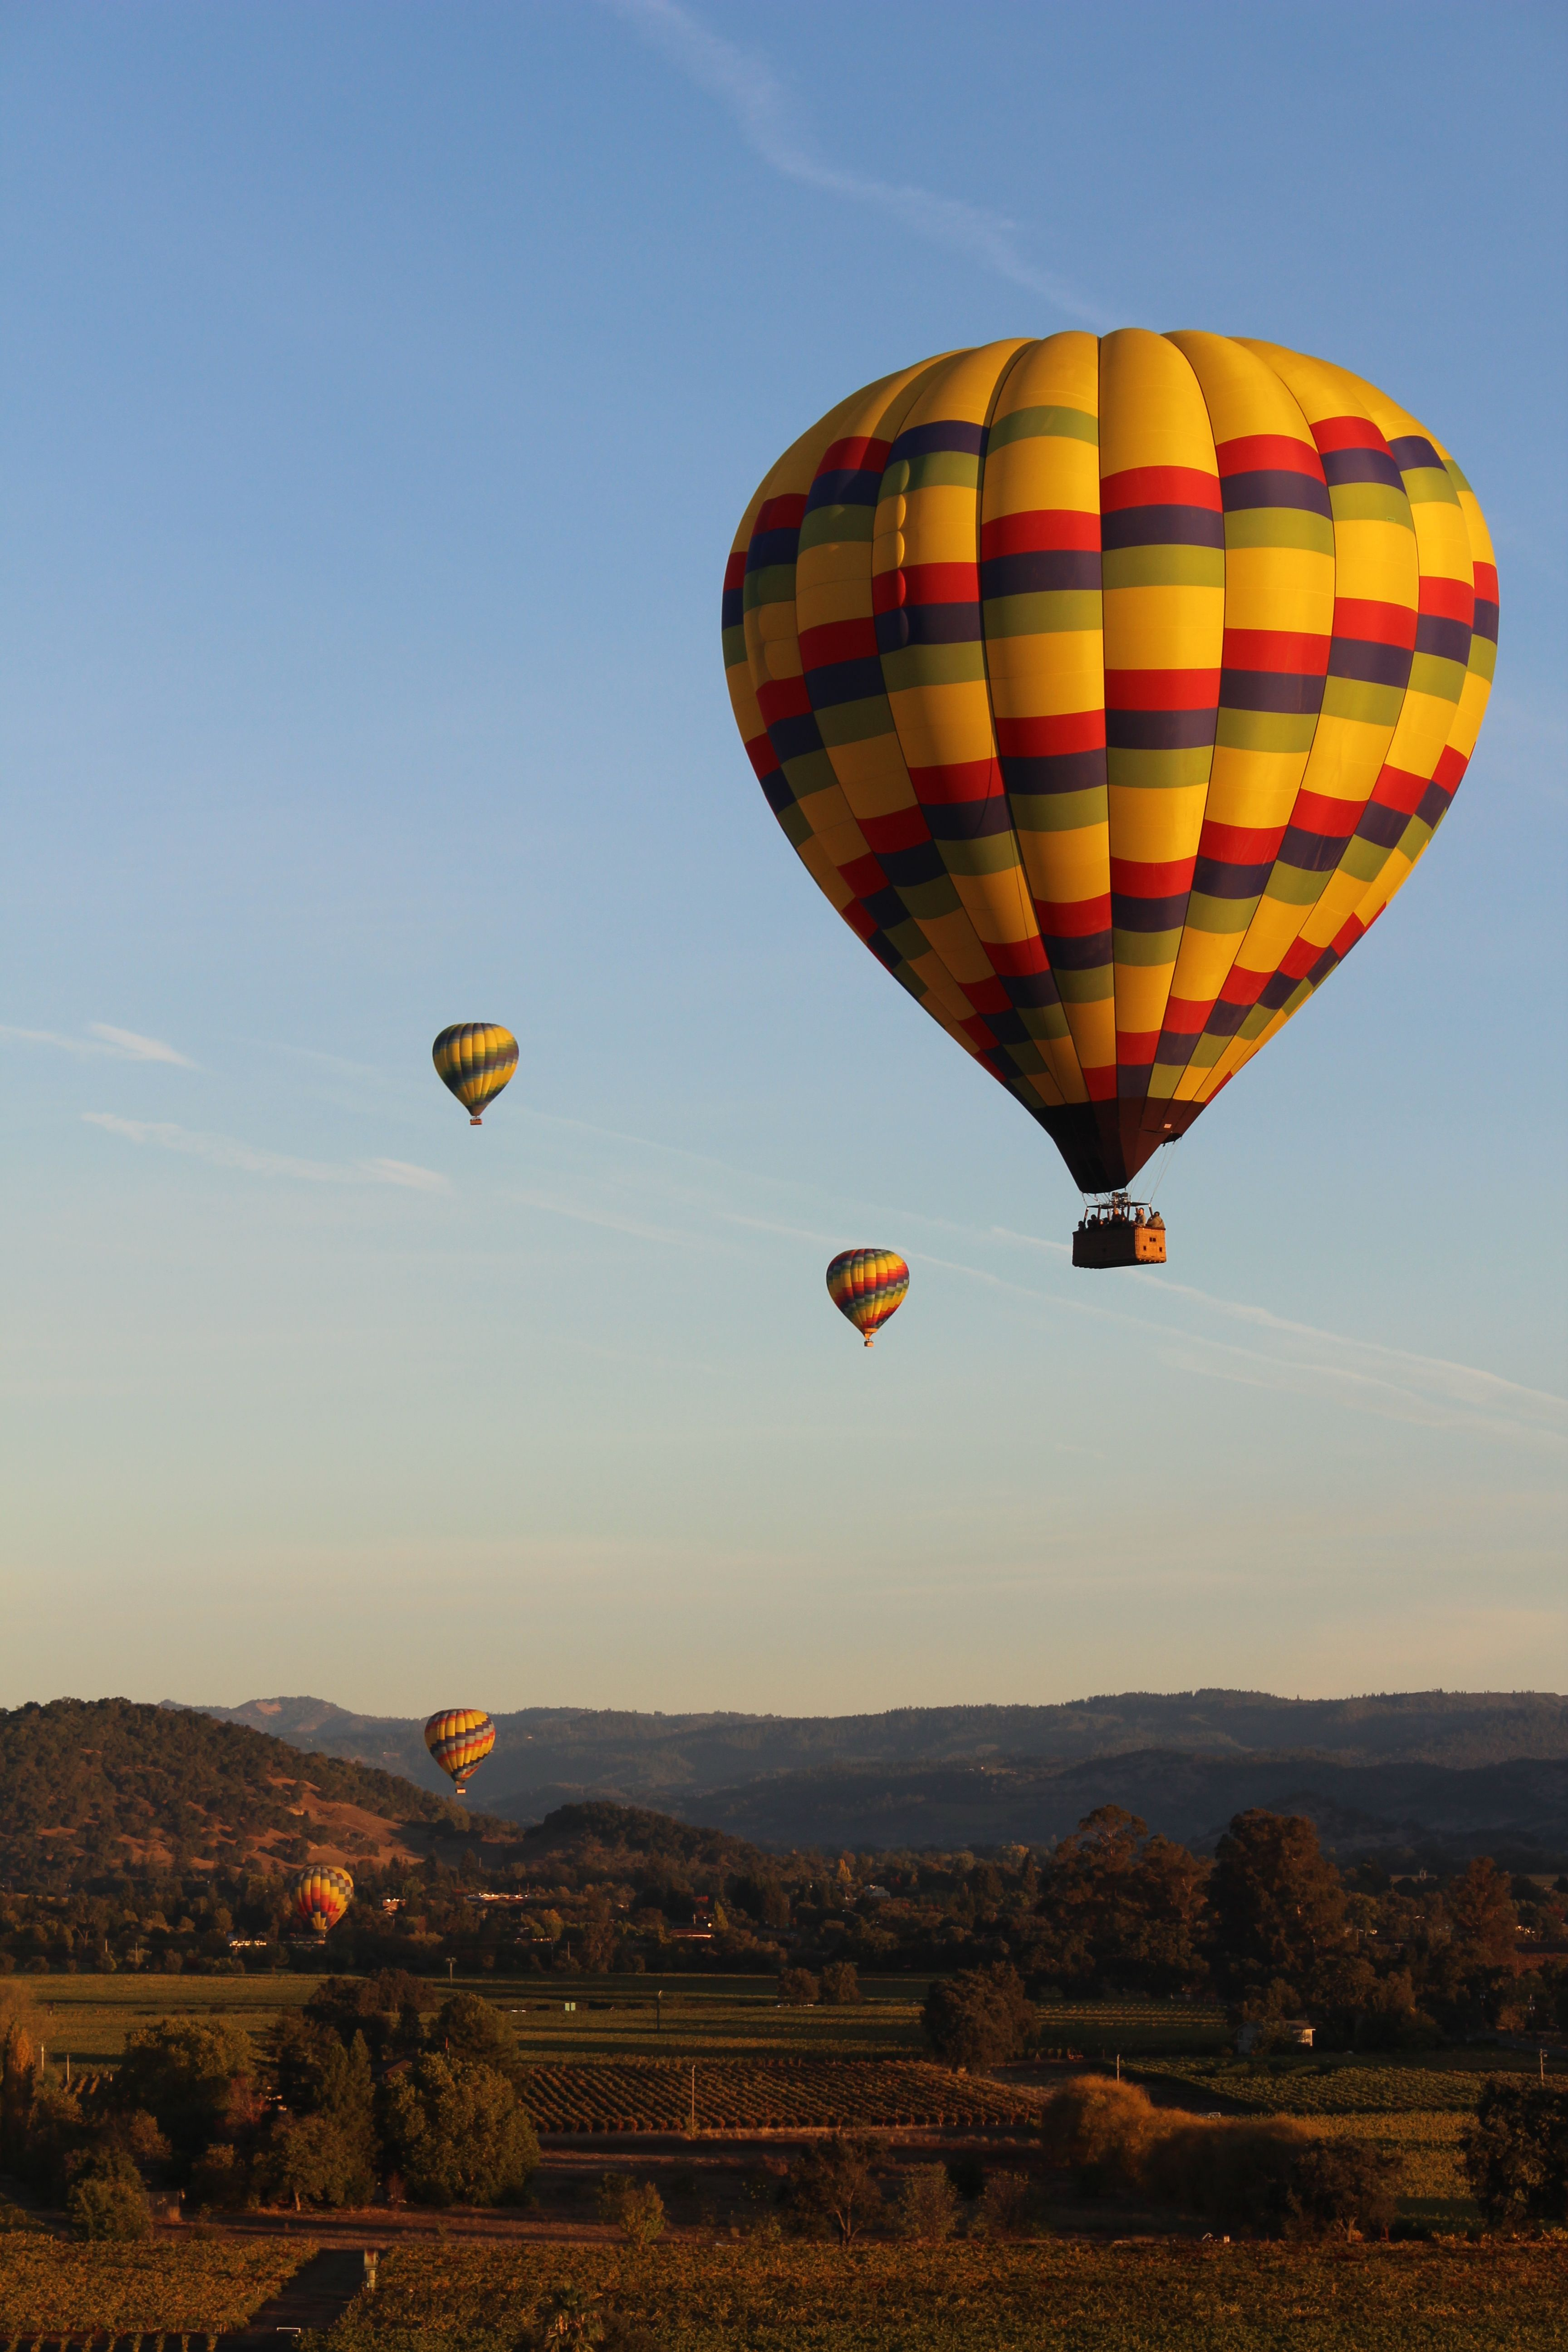 Week 1 Composition Hot Air Balloons over Napa Hot air